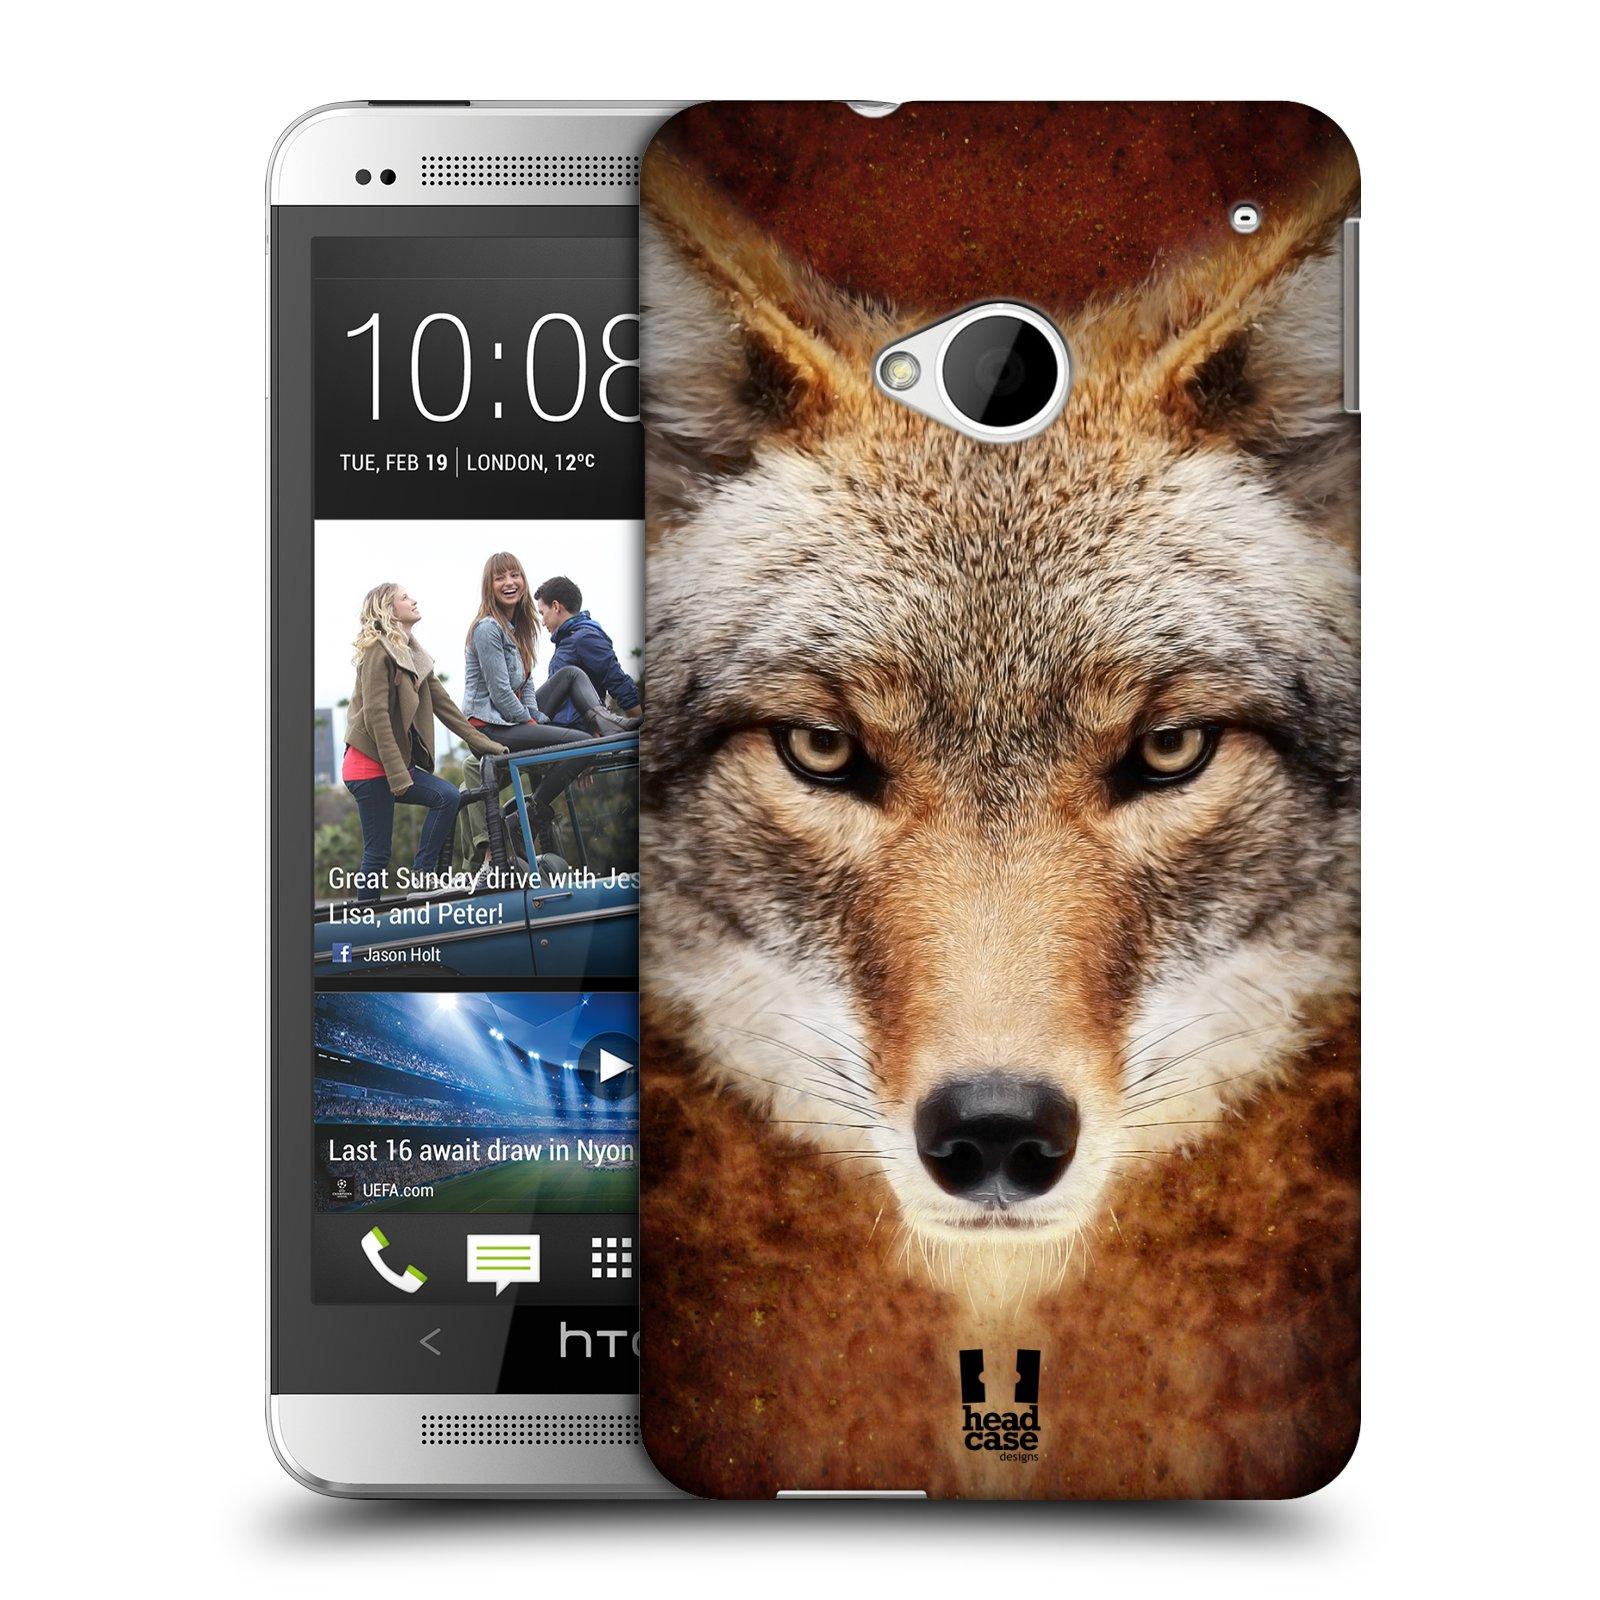 HEAD CASE plastový obal na mobil HTC One (M7) vzor Zvířecí tváře kojot